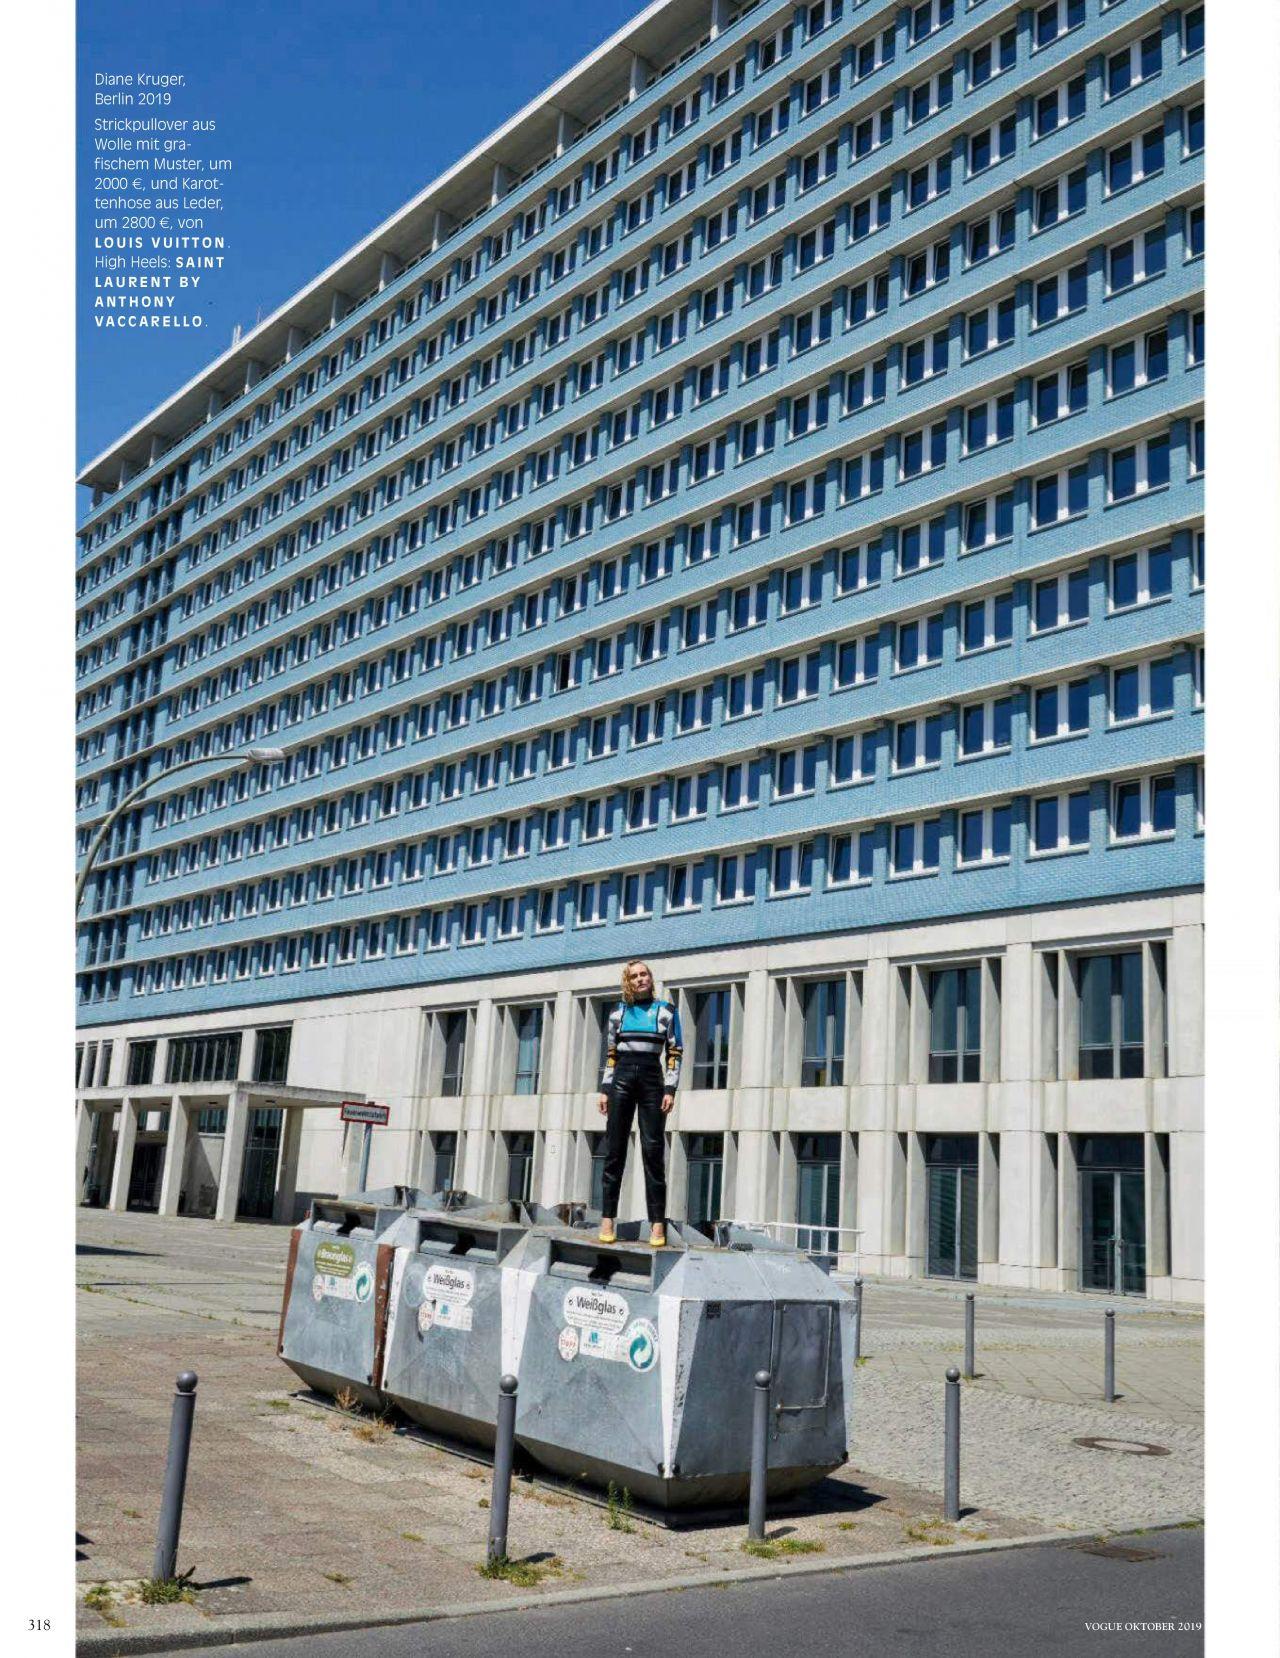 Диана Крюгер купается в фонтане в съемке немецкого Vogue (фото 11)